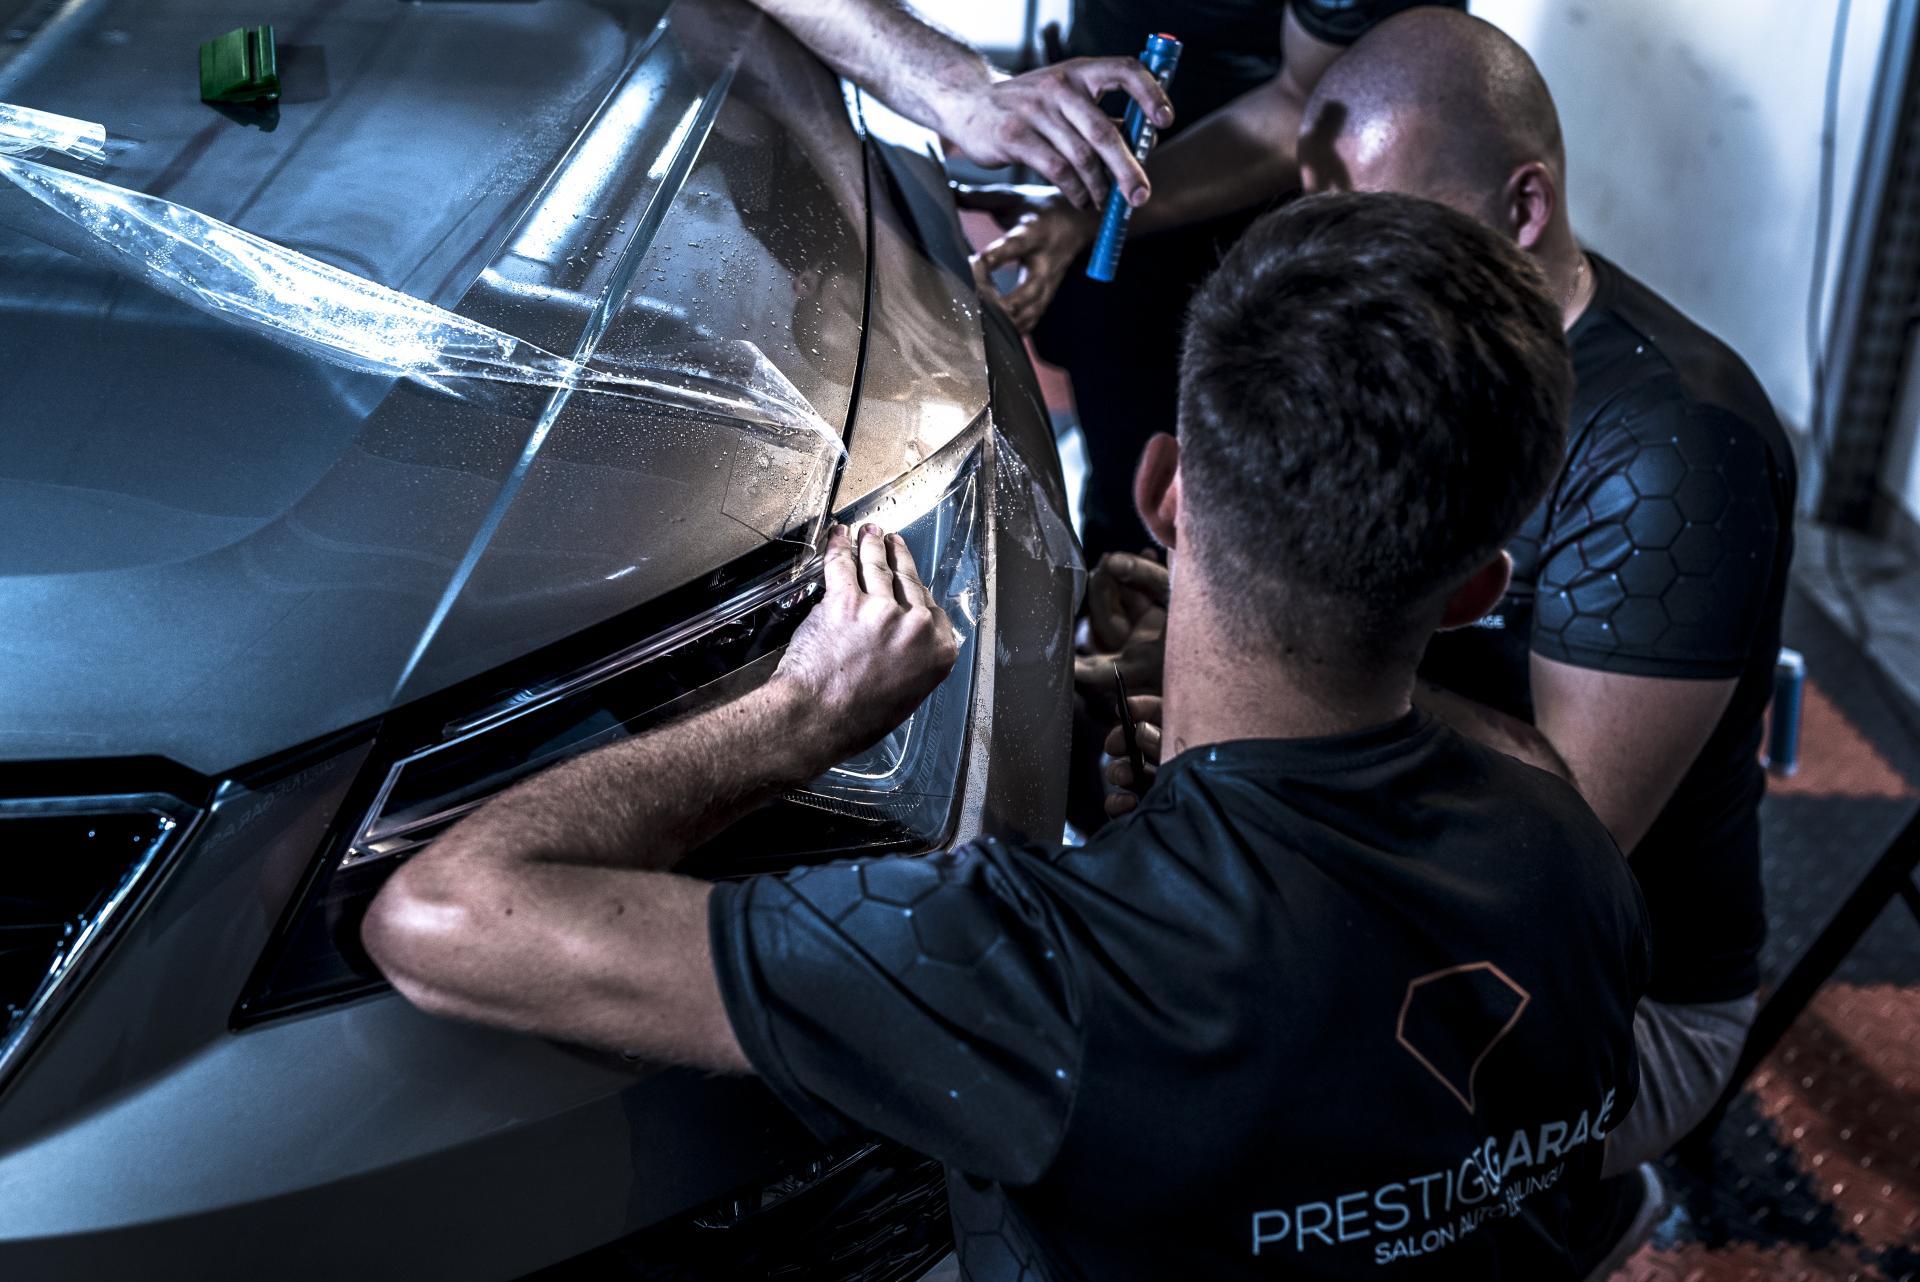 Oklejanie samochodu przez ekipe prestige